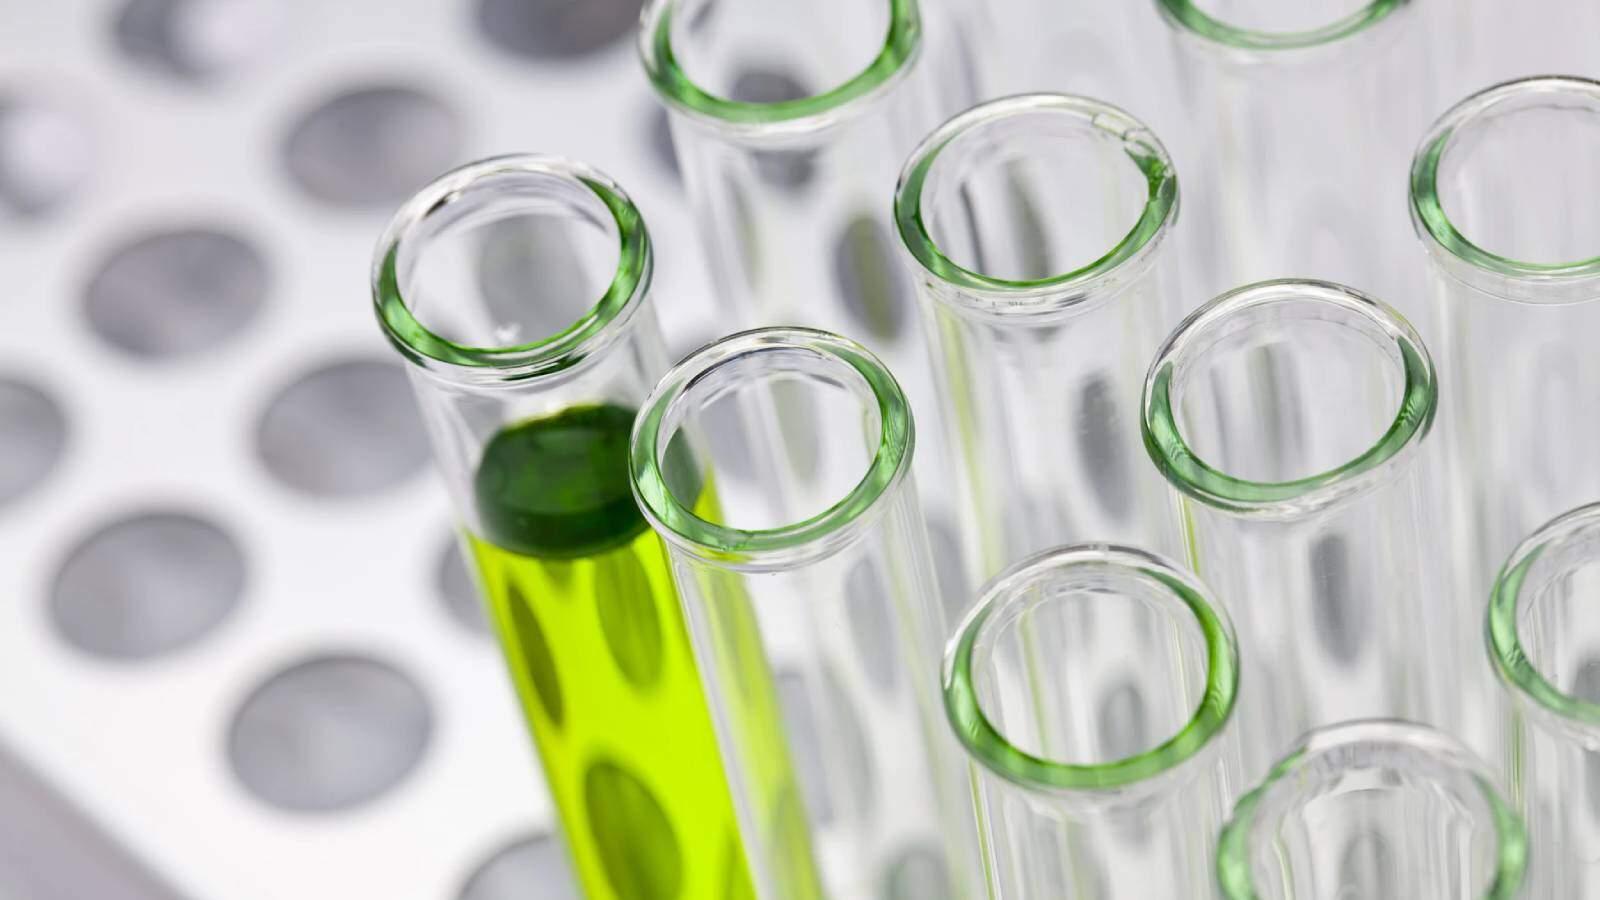 בדיקת קנאביס במעבדה - בריא בישראל